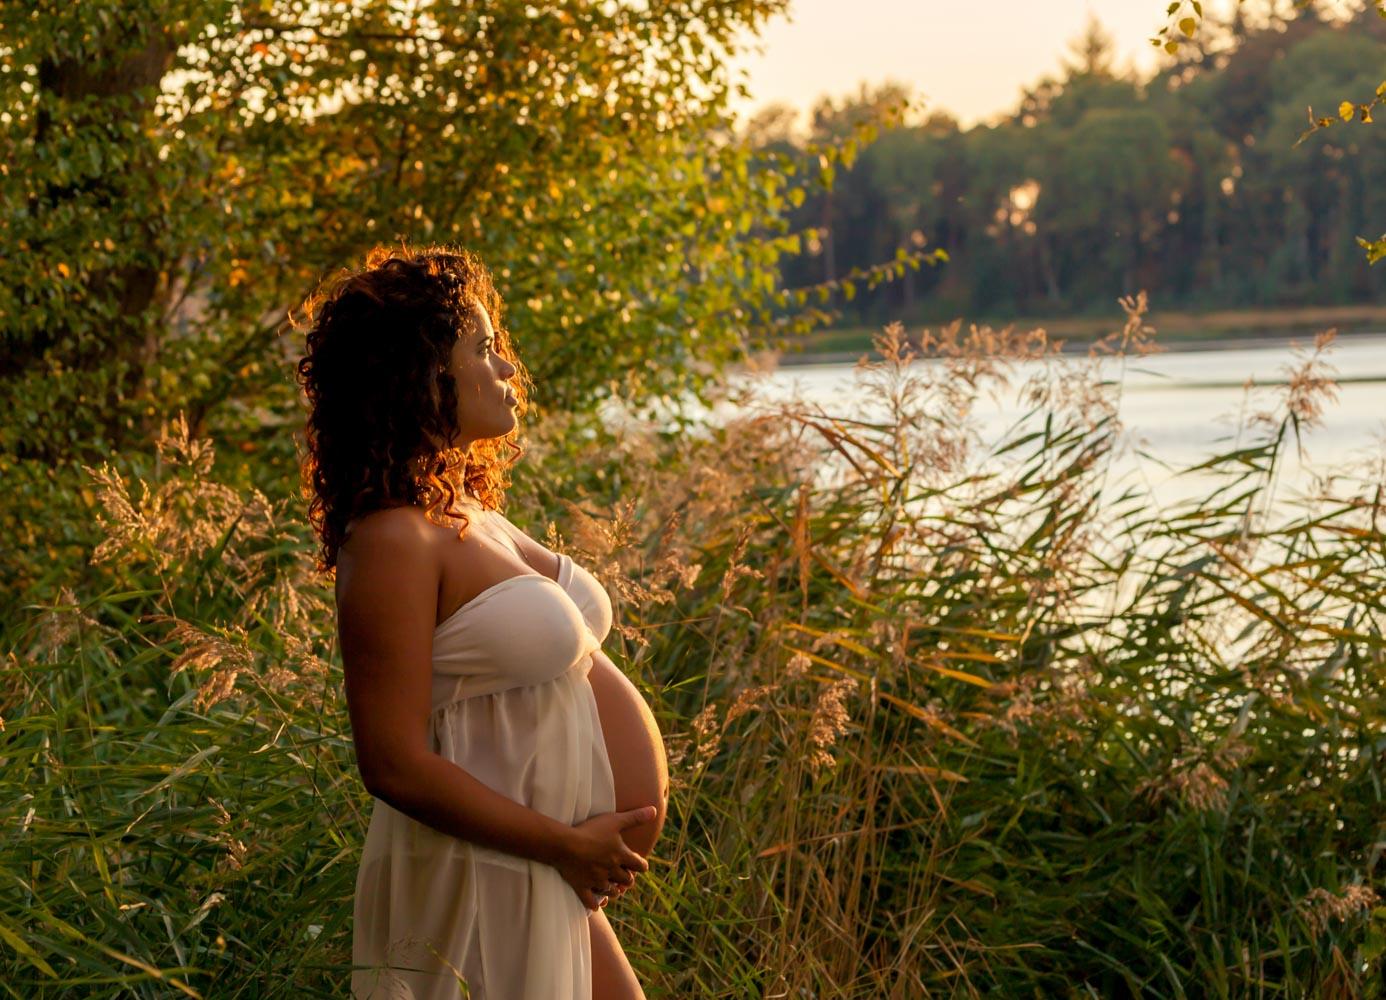 zwanger_in_de_natuur